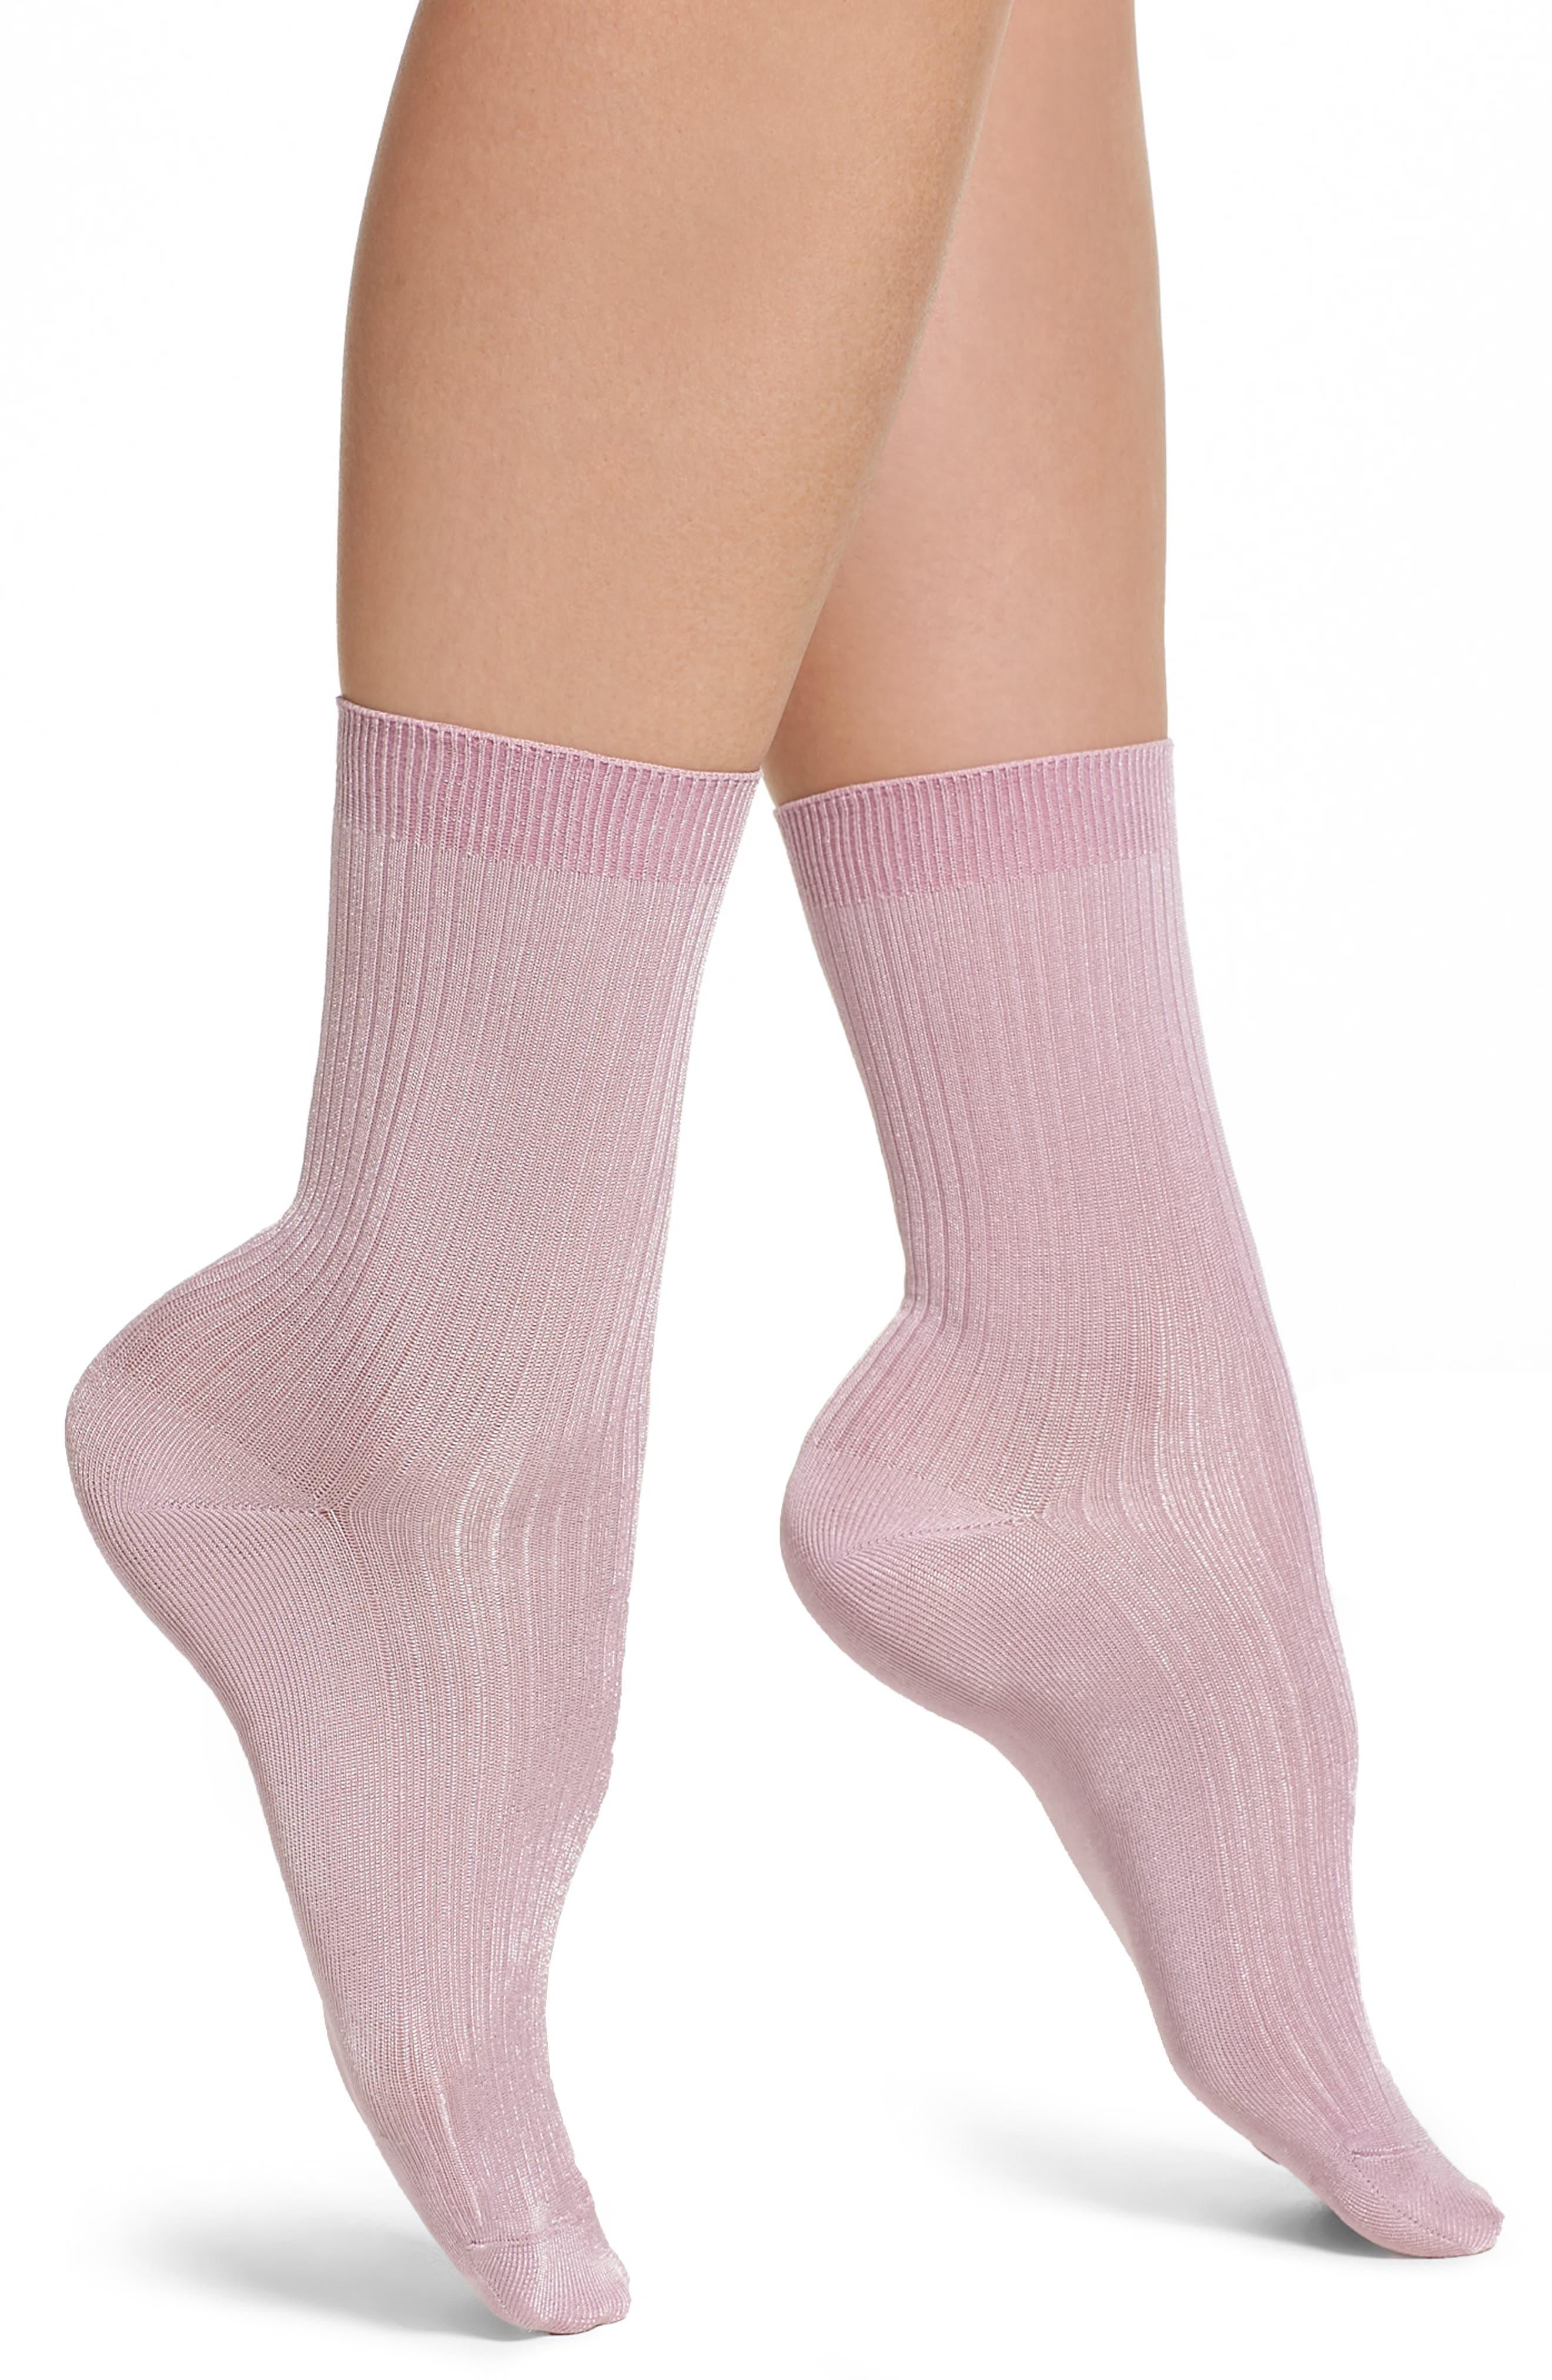 Chelsea28 'Luster' Crew Socks